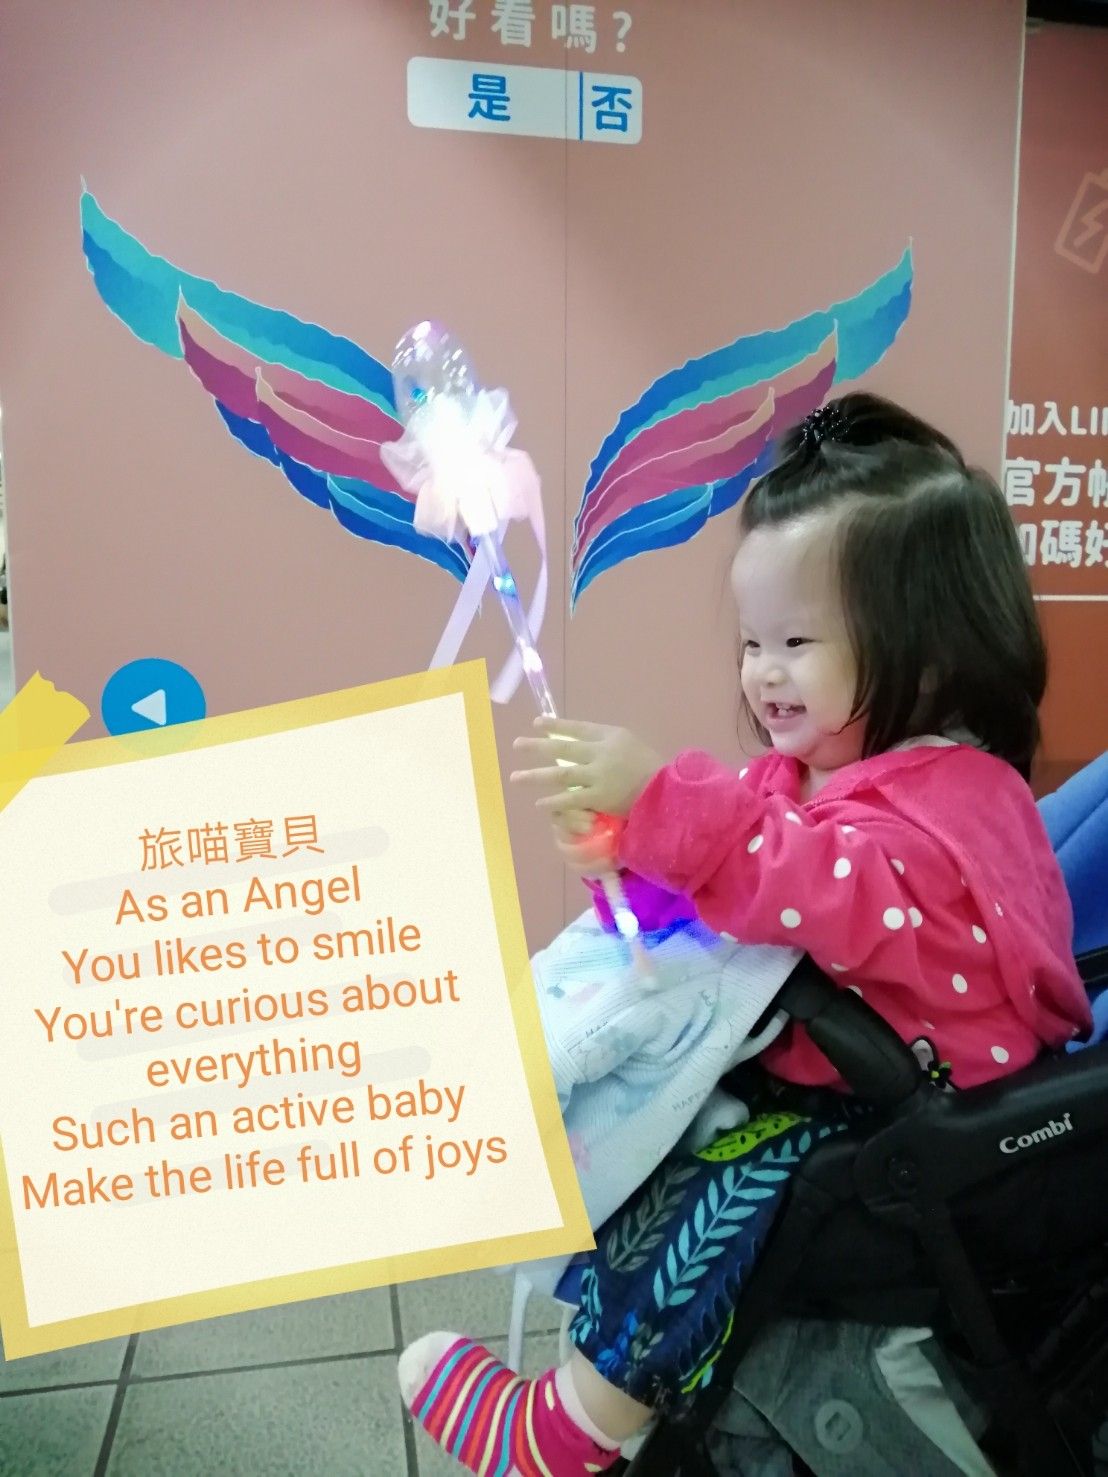 旅喵寶貝 嗨玩耍As a cute Angel